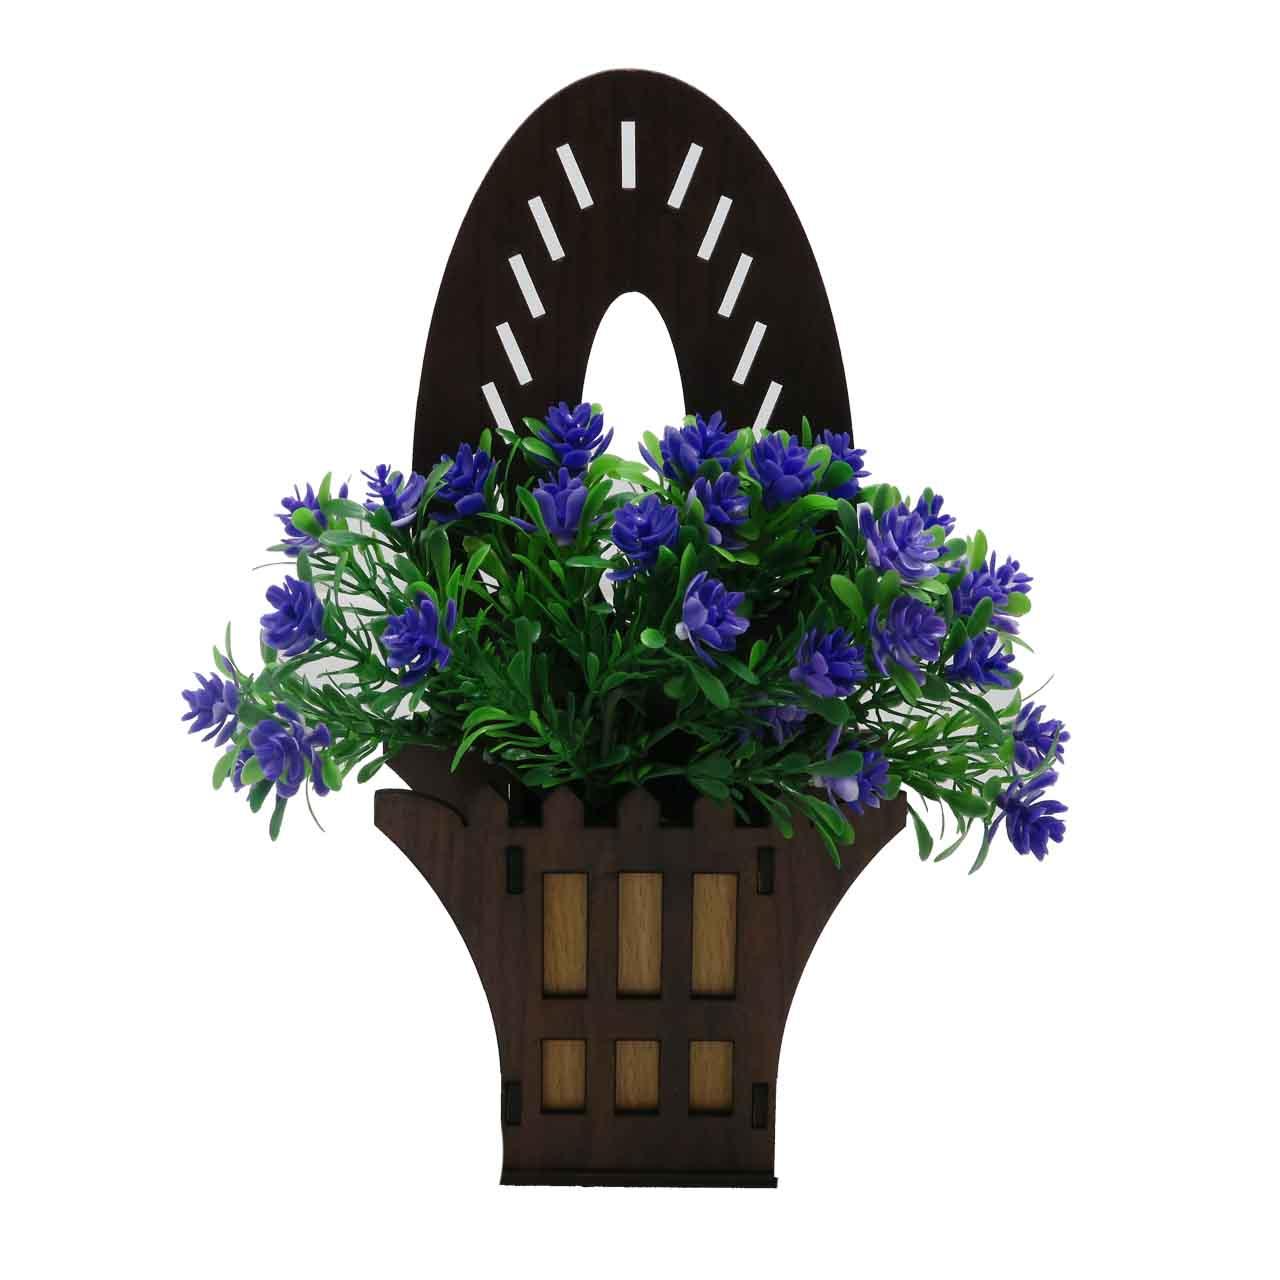 گلدان به همراه گل مصنوعی مدل سبد گل 504